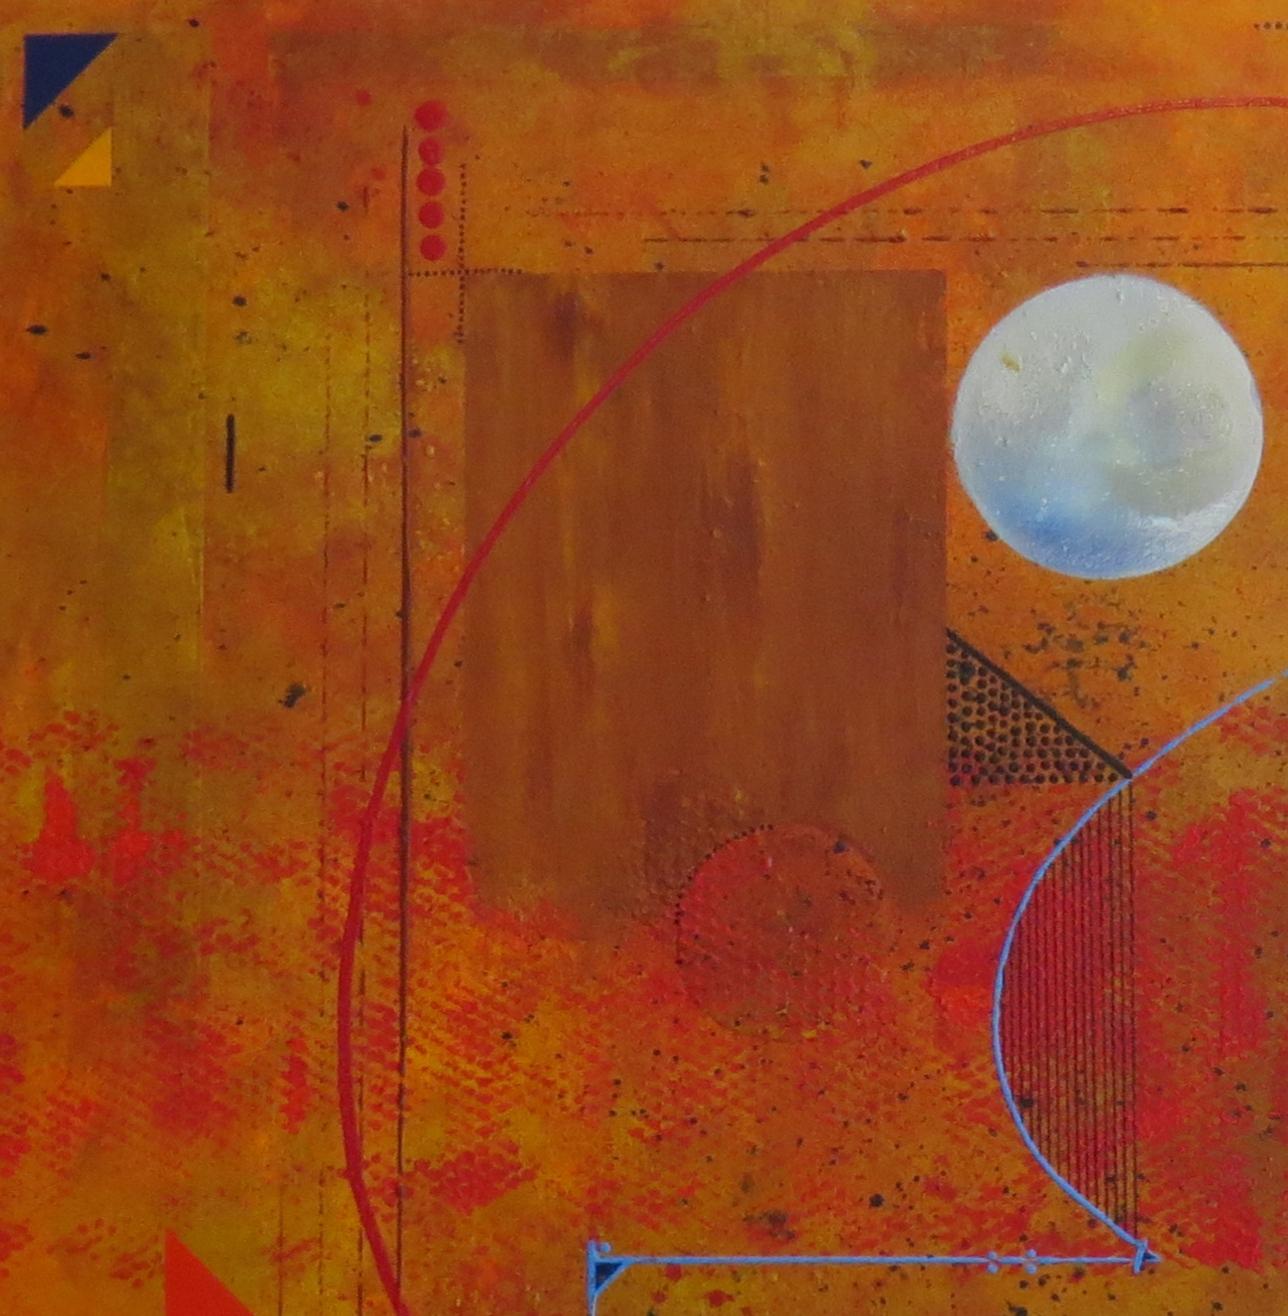 thêta - zoom1 - DALUZ GALEGO - peinture abstraite